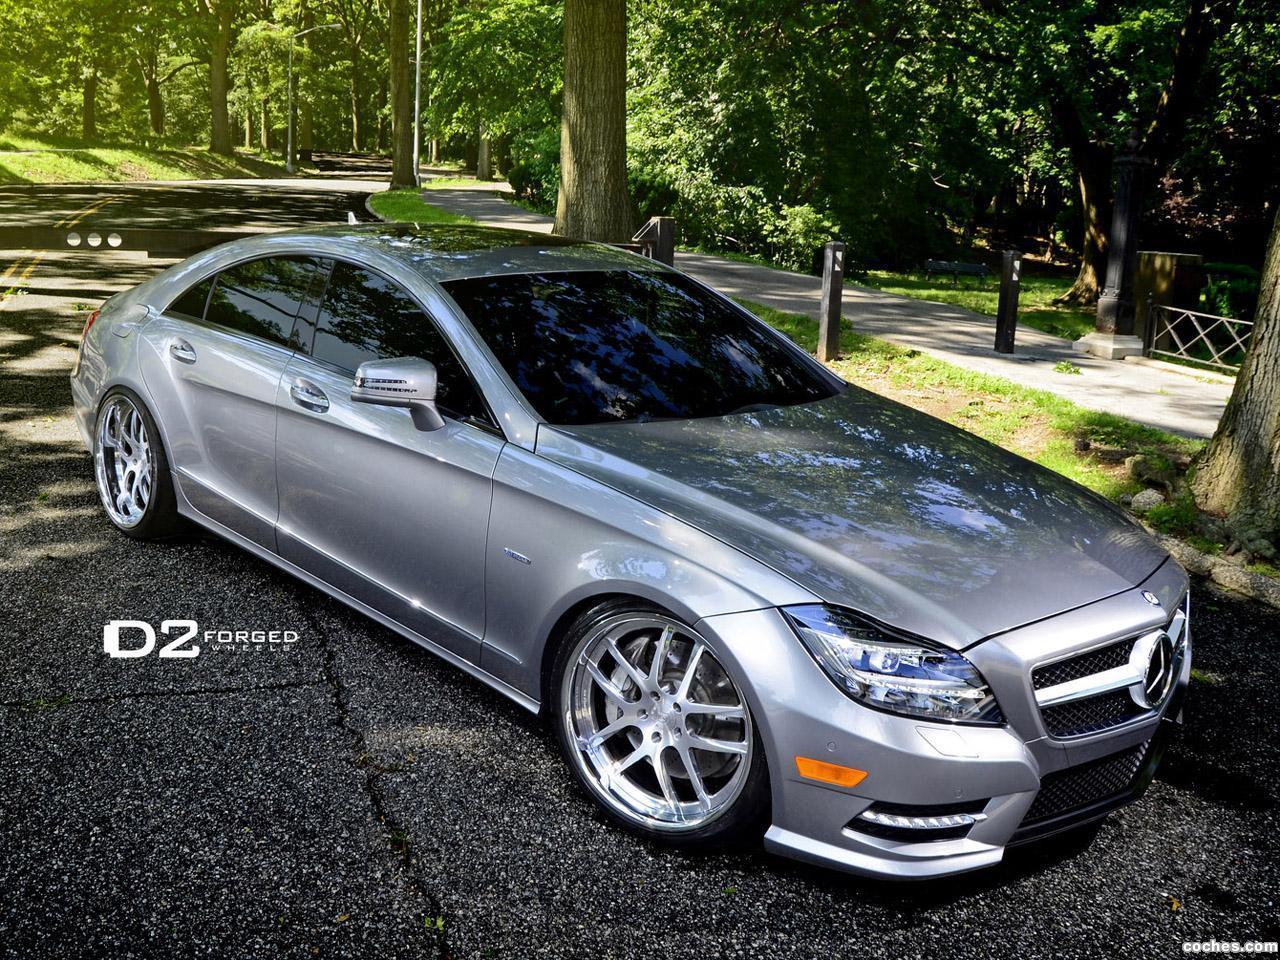 Foto 0 de Mercedes CLS 550 D2Forged FMS08 2013